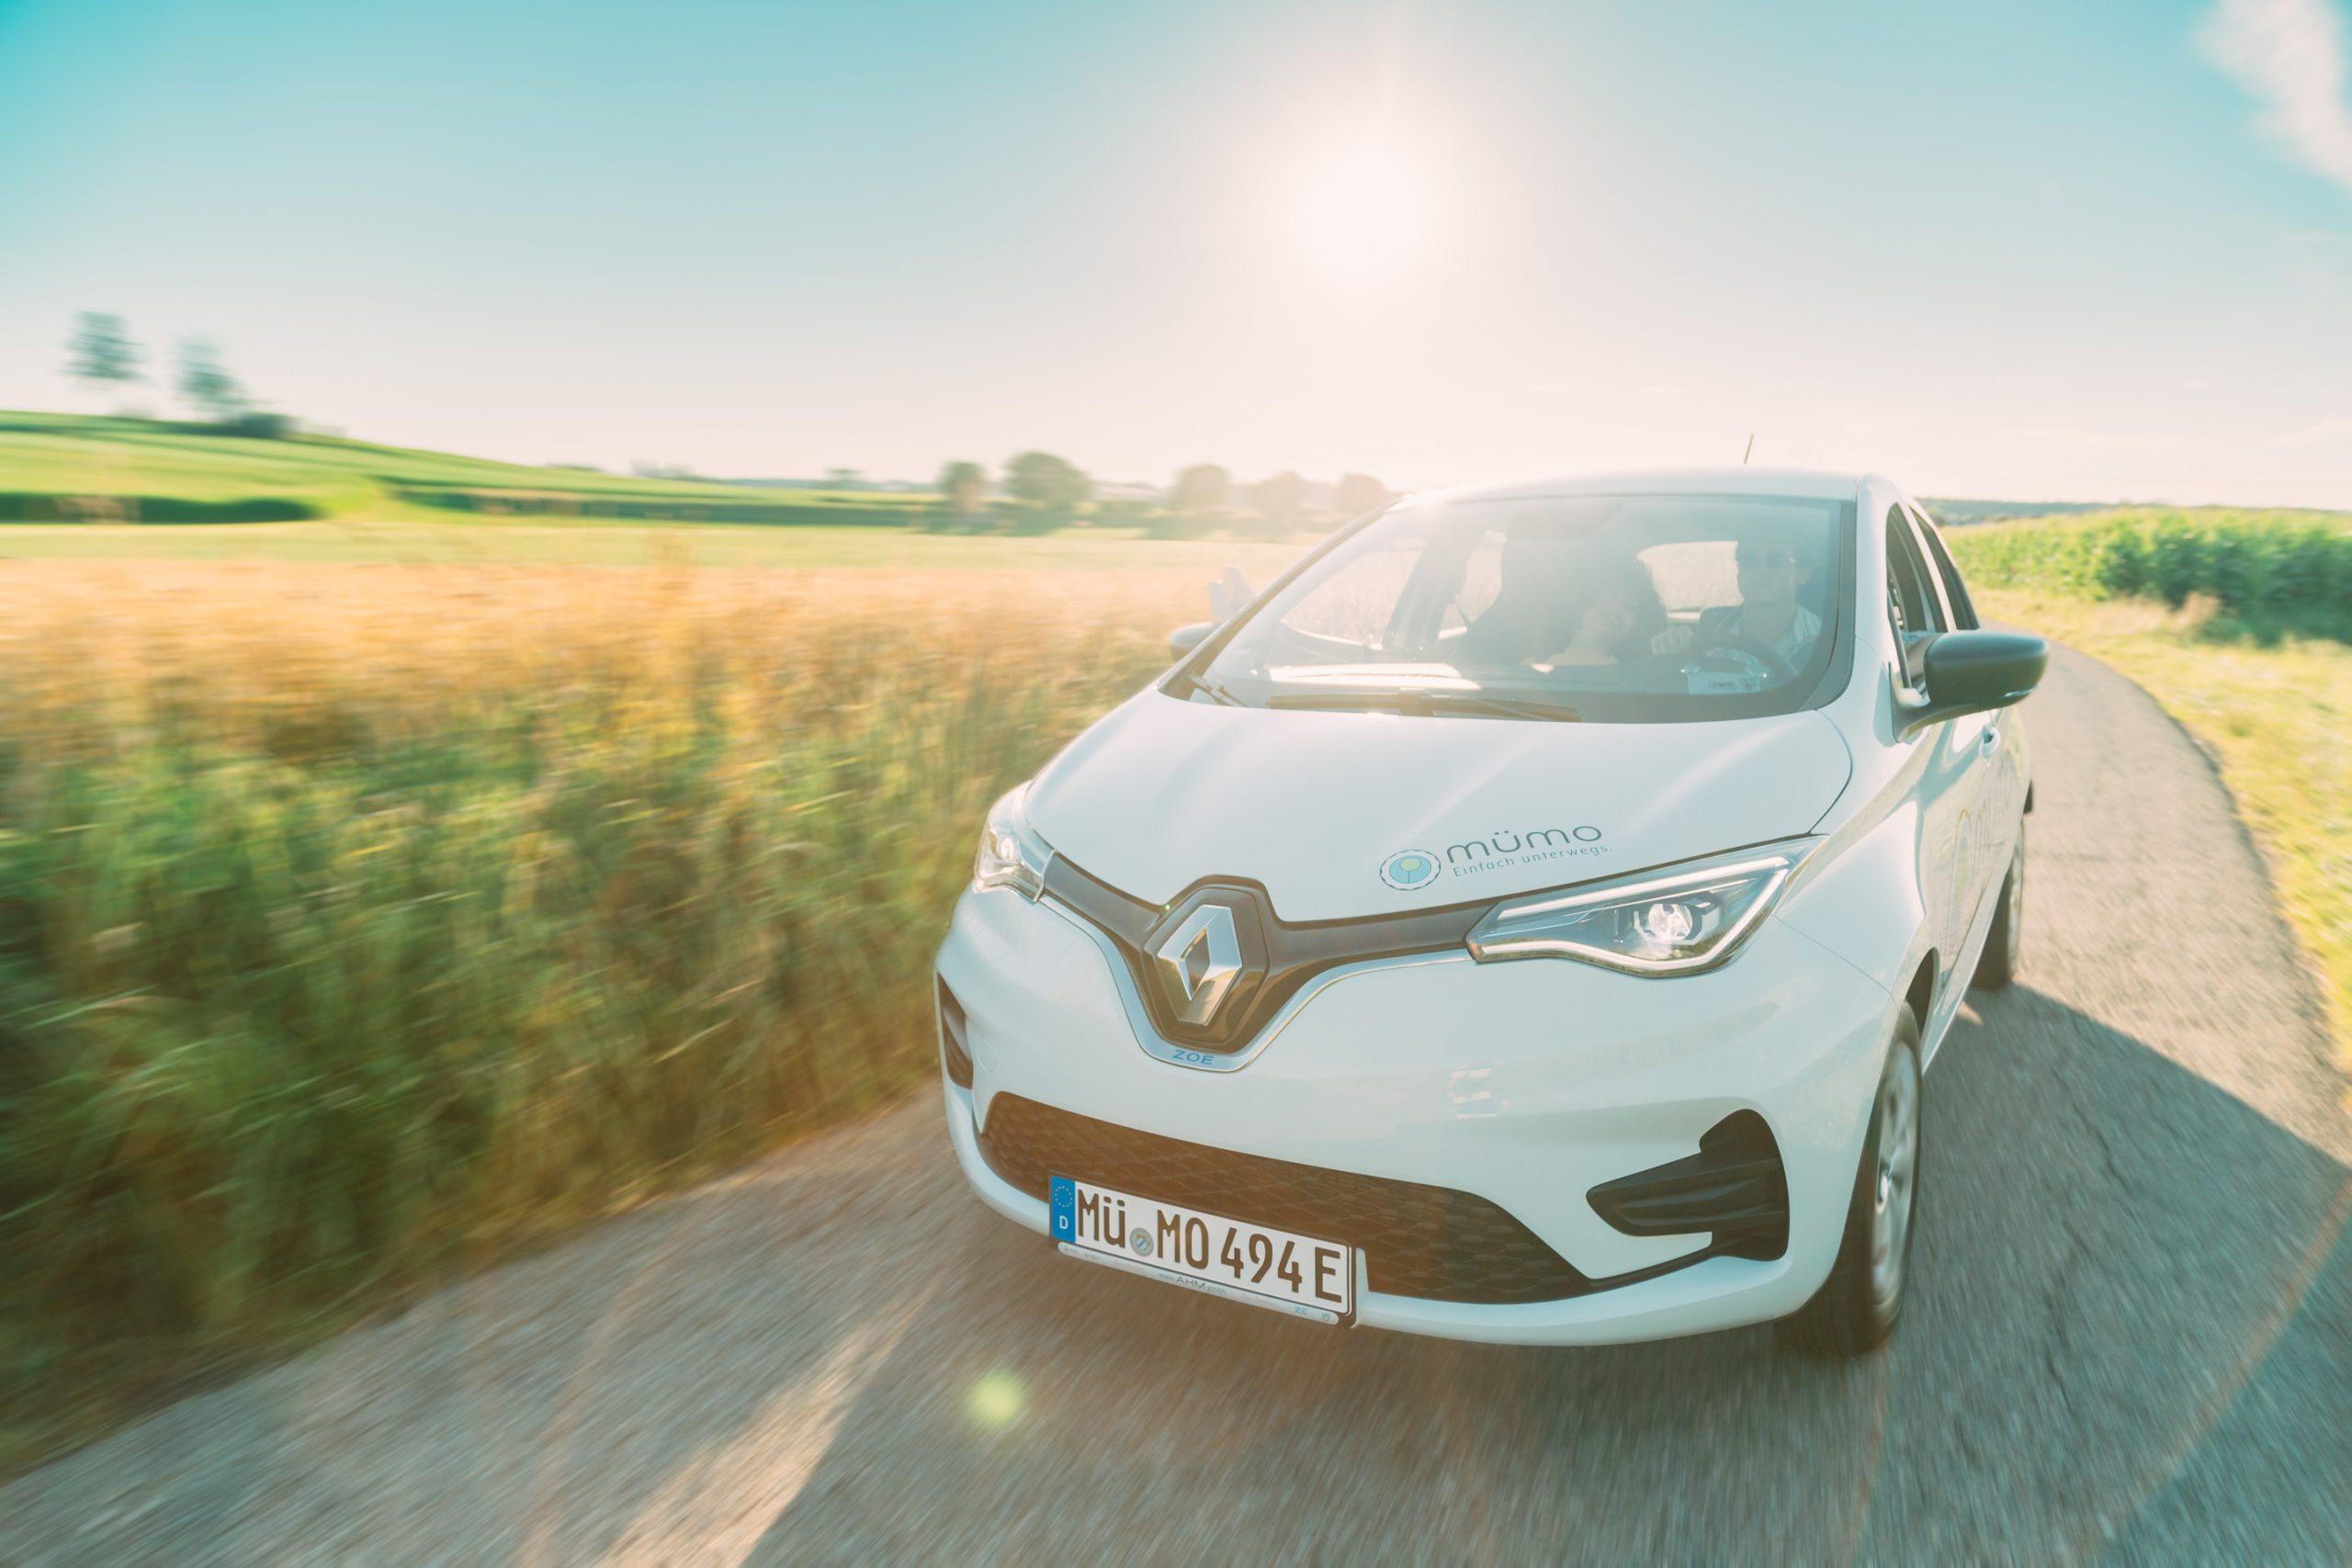 Pärchen im Renault Zoe auf Teerstraße im Feld mit Motion Blur bei Sonnenuntergang